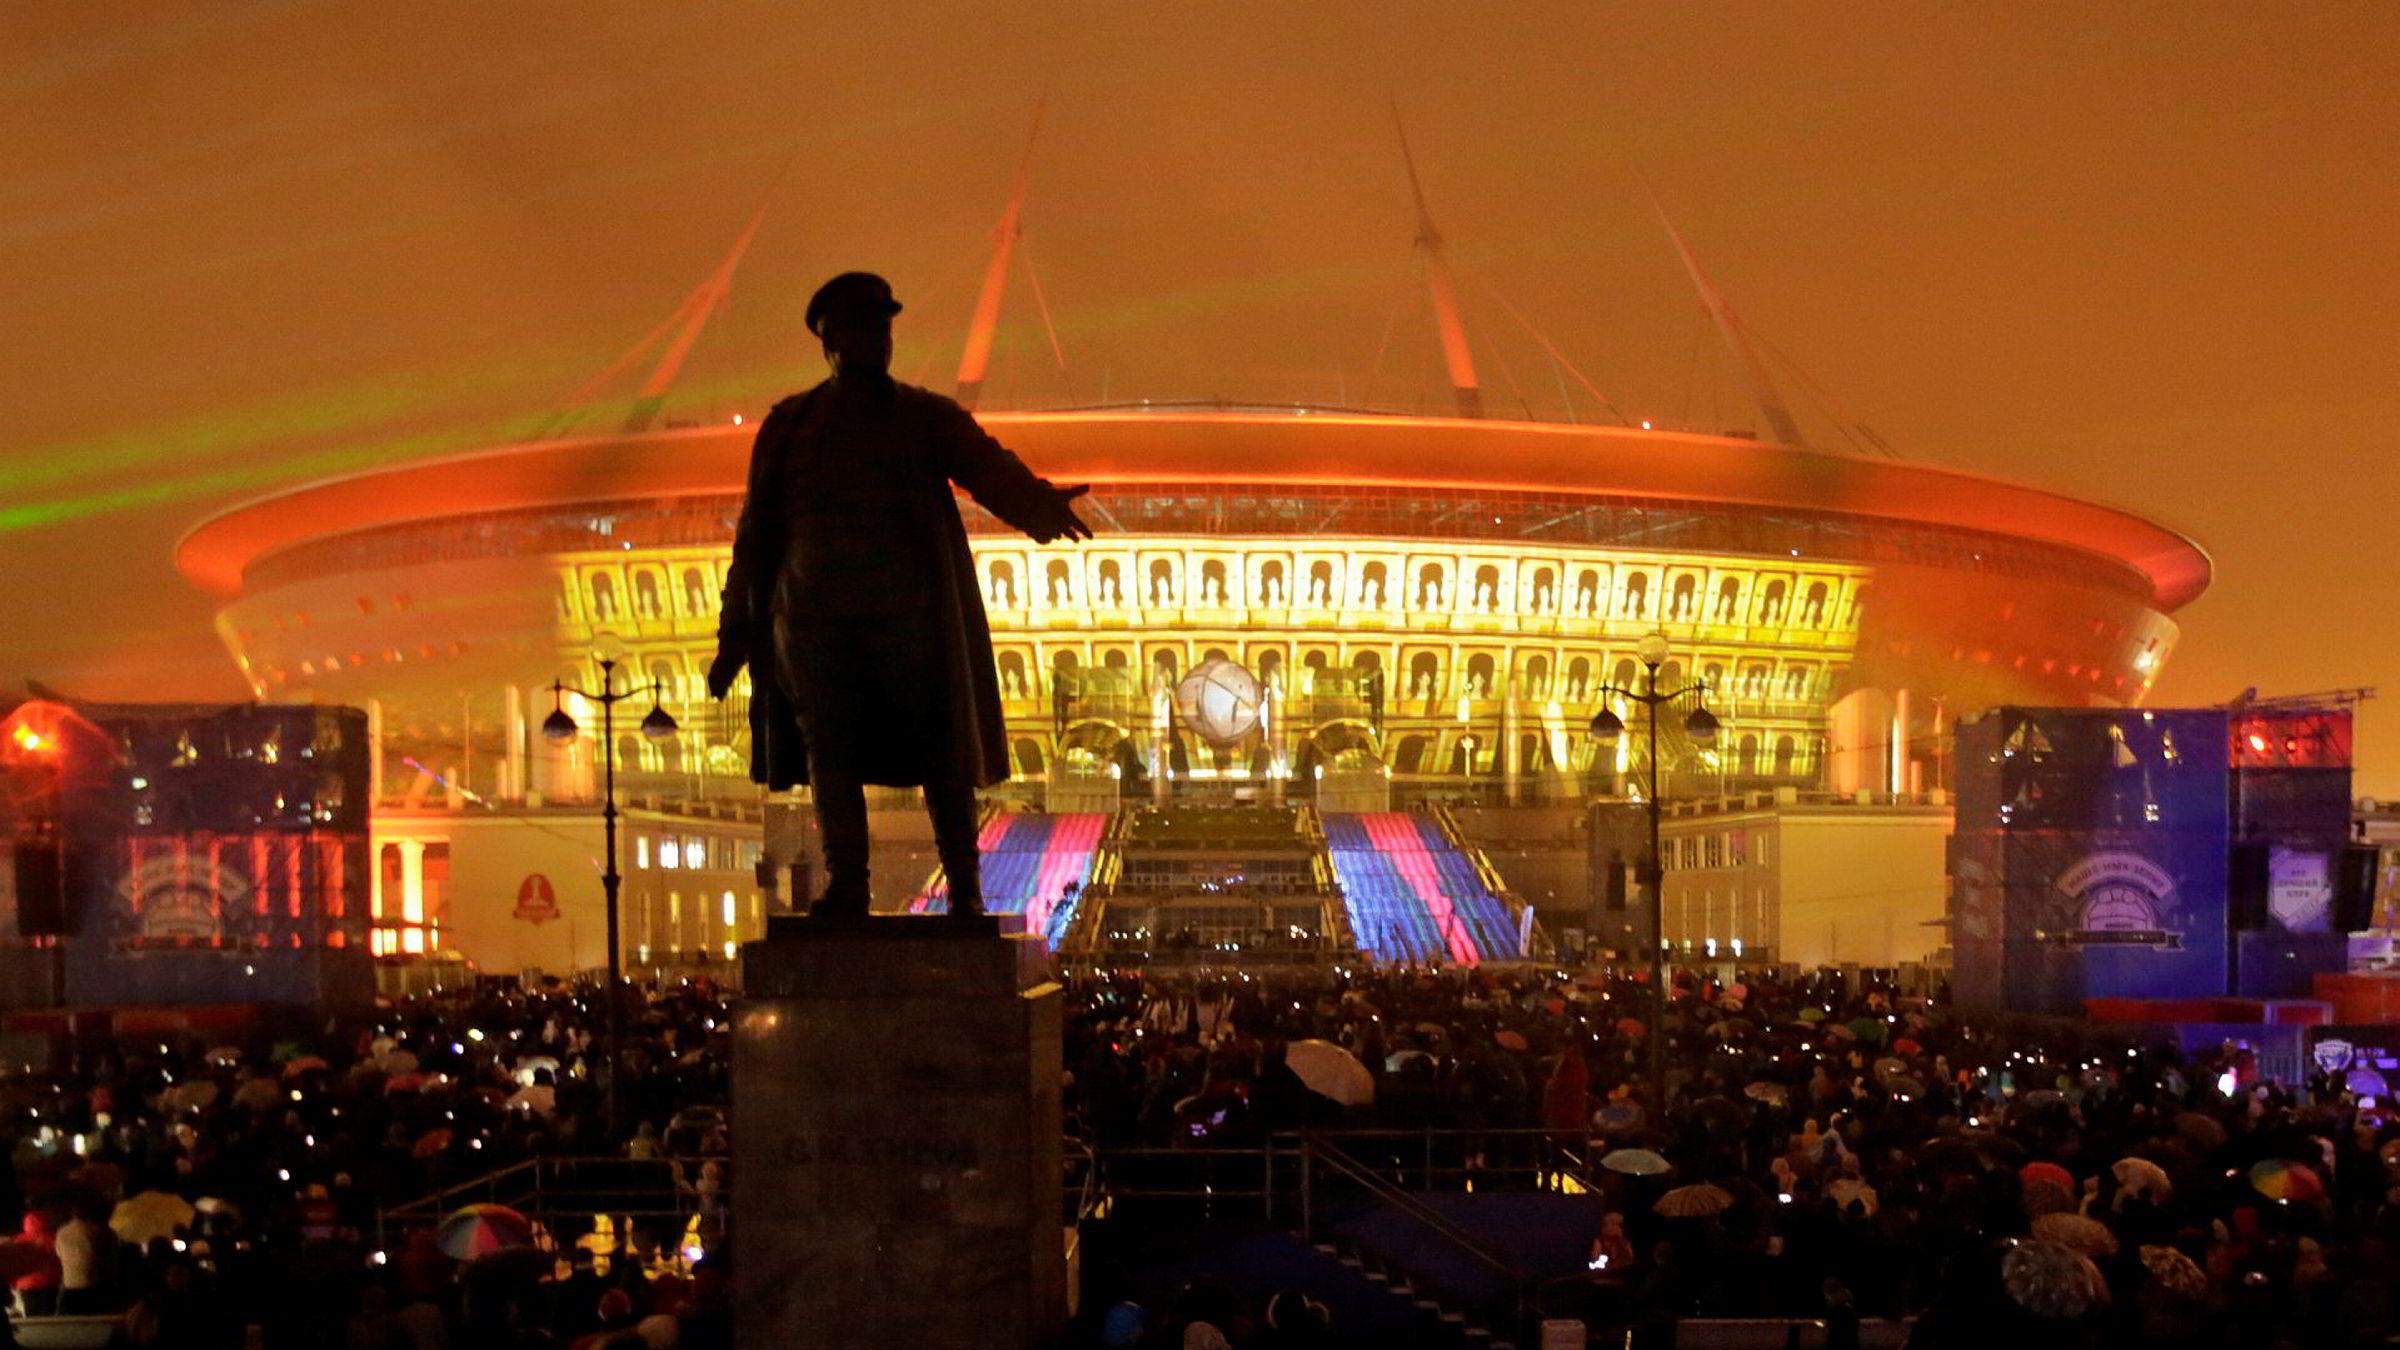 Krestovskij Stadion i St. Petersburg kostet offisielt nesten ti milliarder kroner. Den er blant de dyreste idrettsarenaene i verden, og har blant annet tak som kan lukkes.